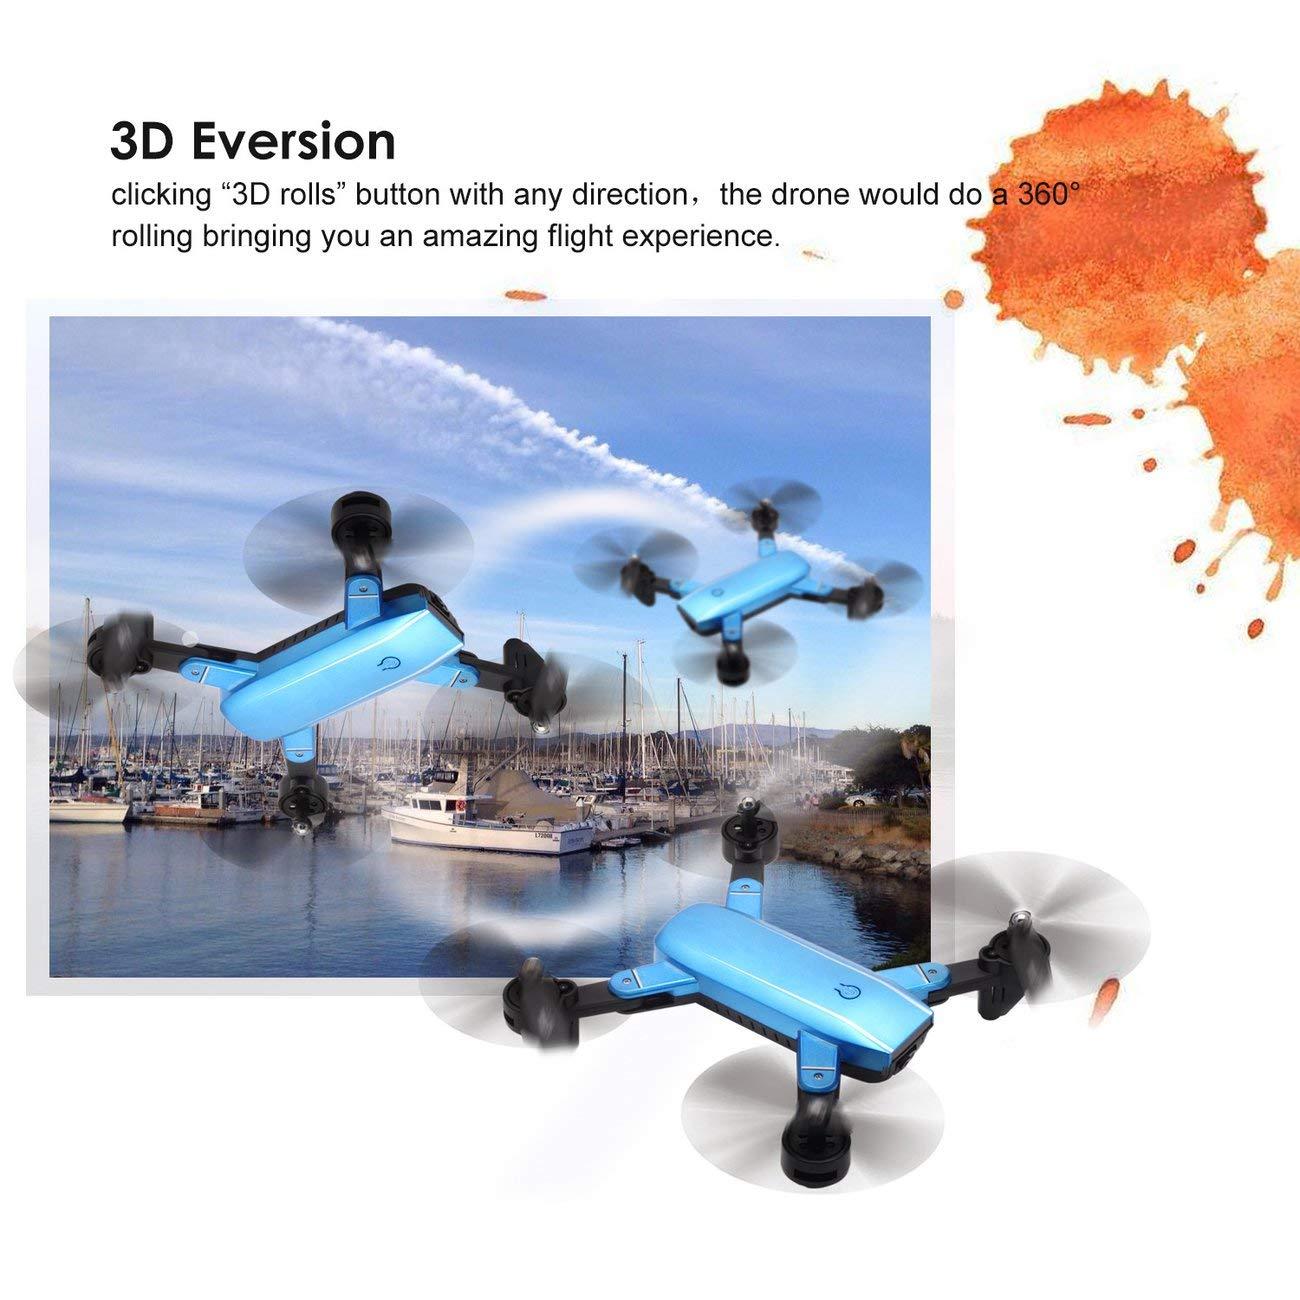 Pieghevole 2 4g Jiobapiongxin 720p Rc Con Quadricottero Drone Sg700 gby76f